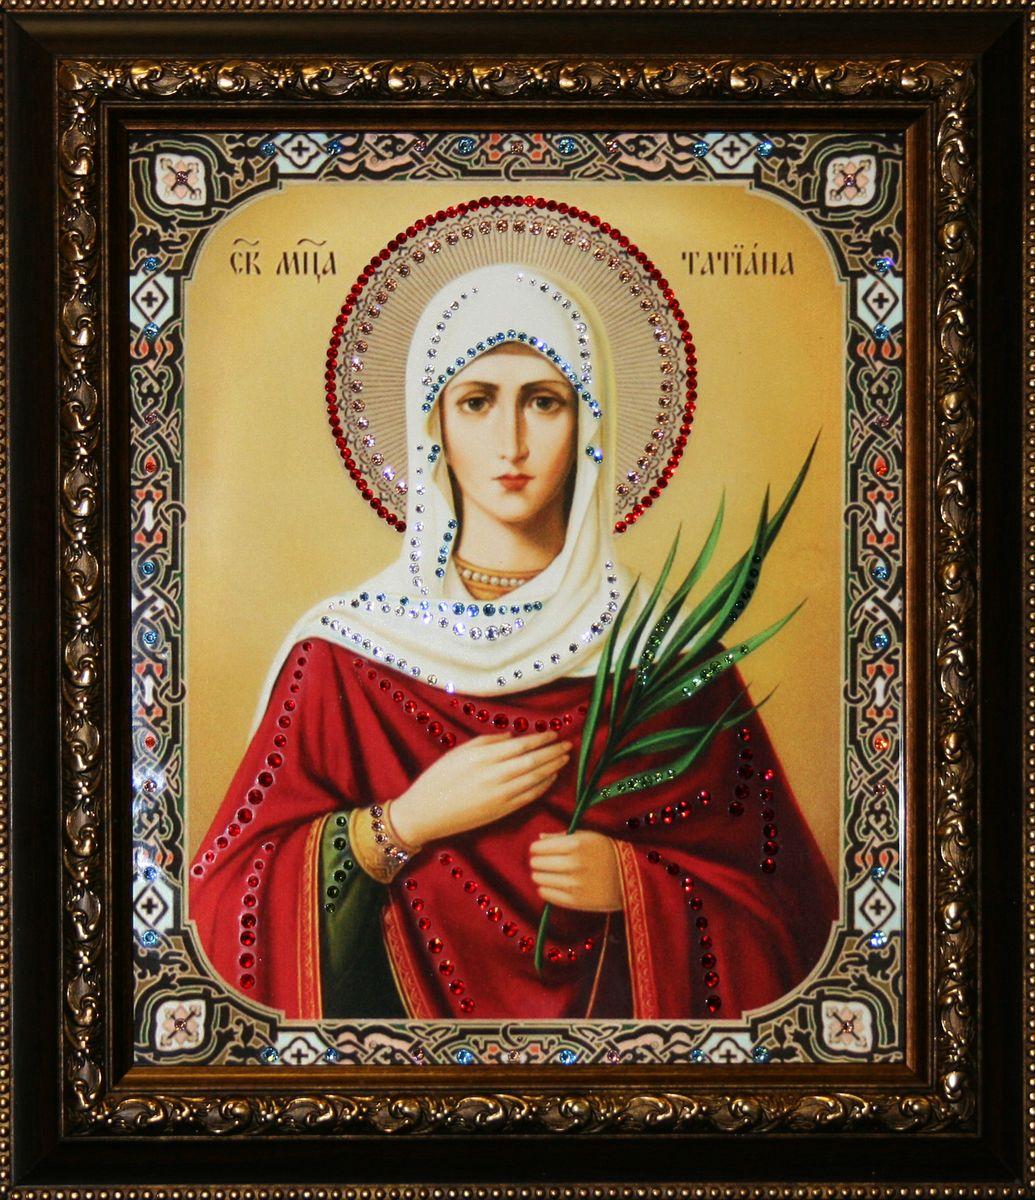 Картинки иконы святой татьяны